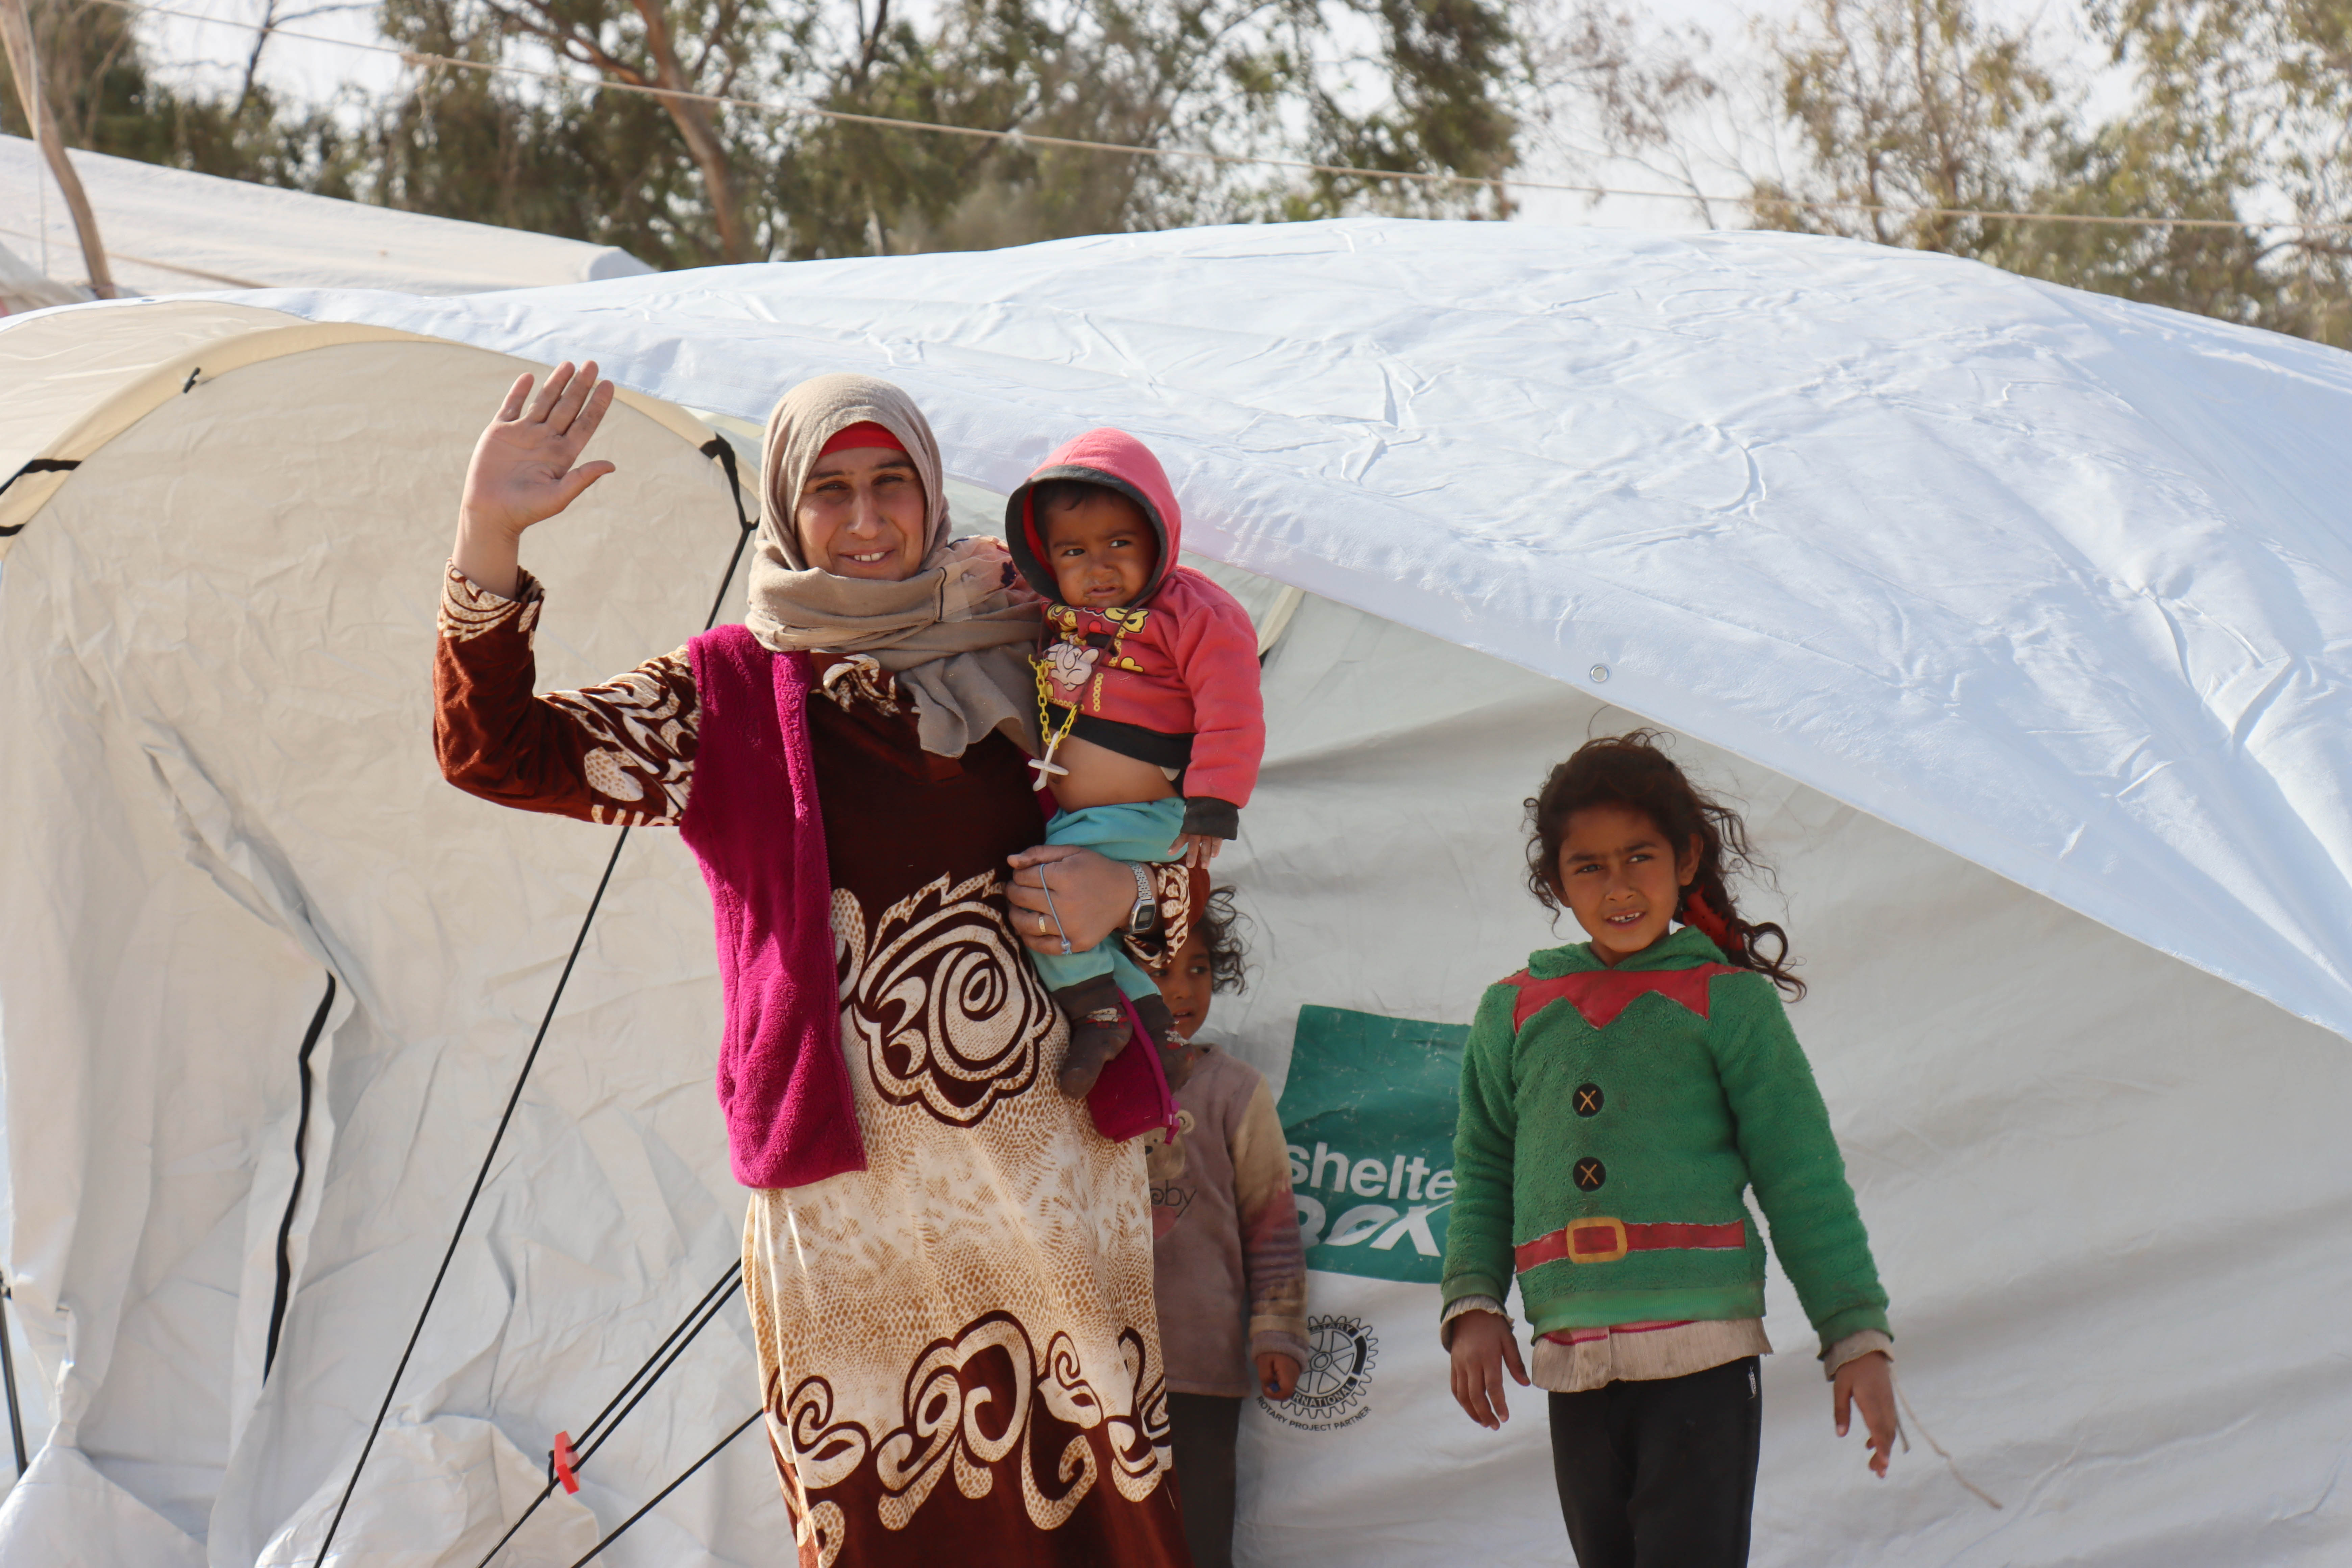 Eine syrische Mutter mit Kopftuch winkt lächlnd in die Kamera, auf dem Arm ein Baby und neben ihr ein junges Mädchen. Beide stehen vor einem weißen Zelt mit ShelterBox-Logo.